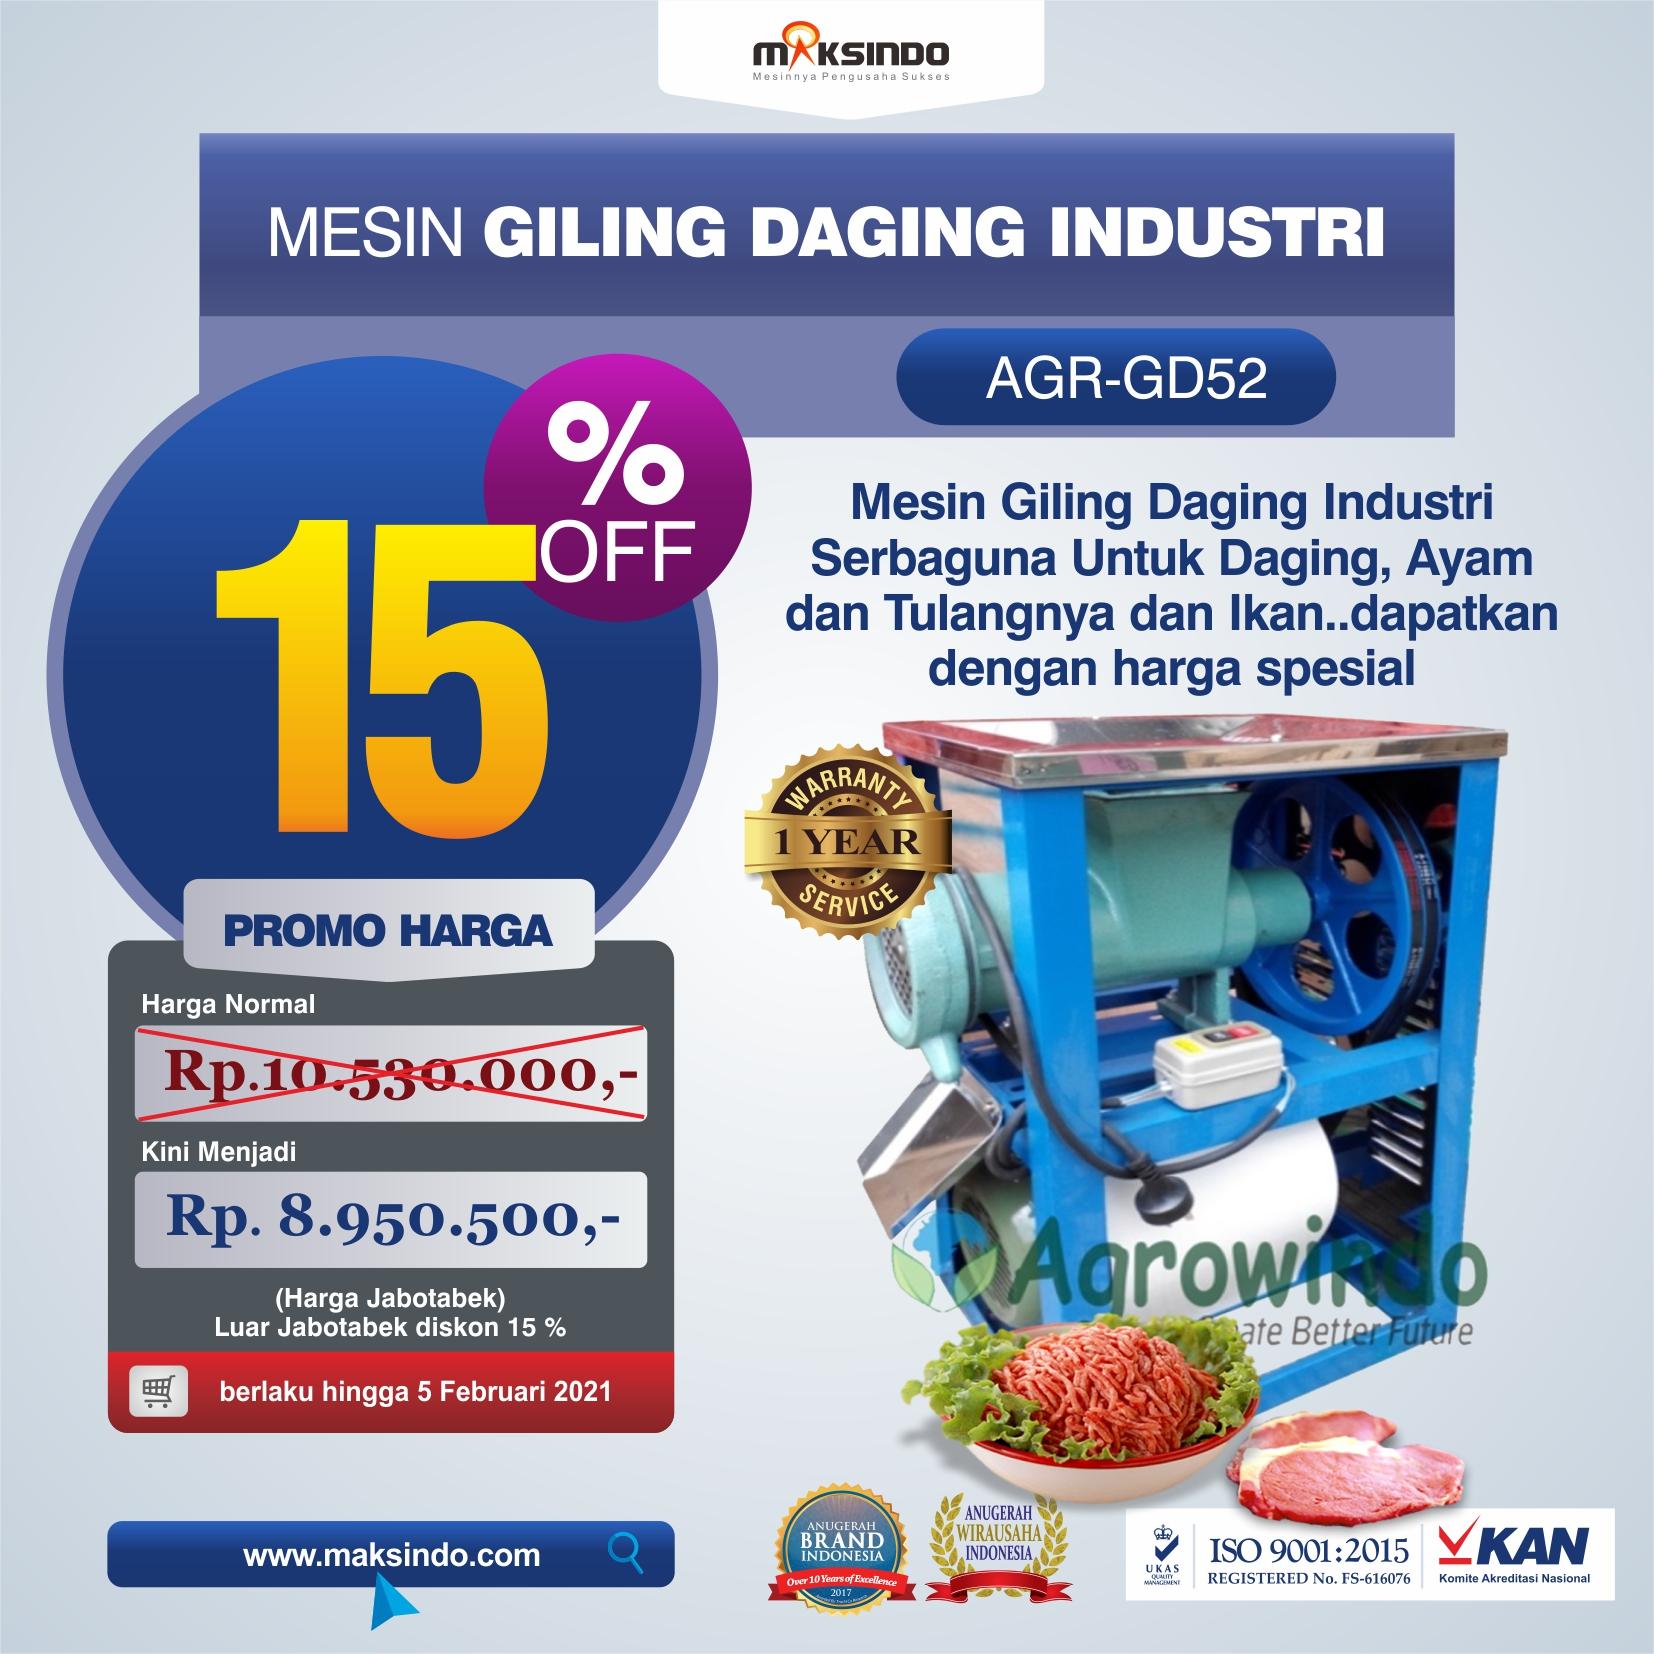 Jual Mesin Giling Daging Industri (AGR-GD52) di Solo